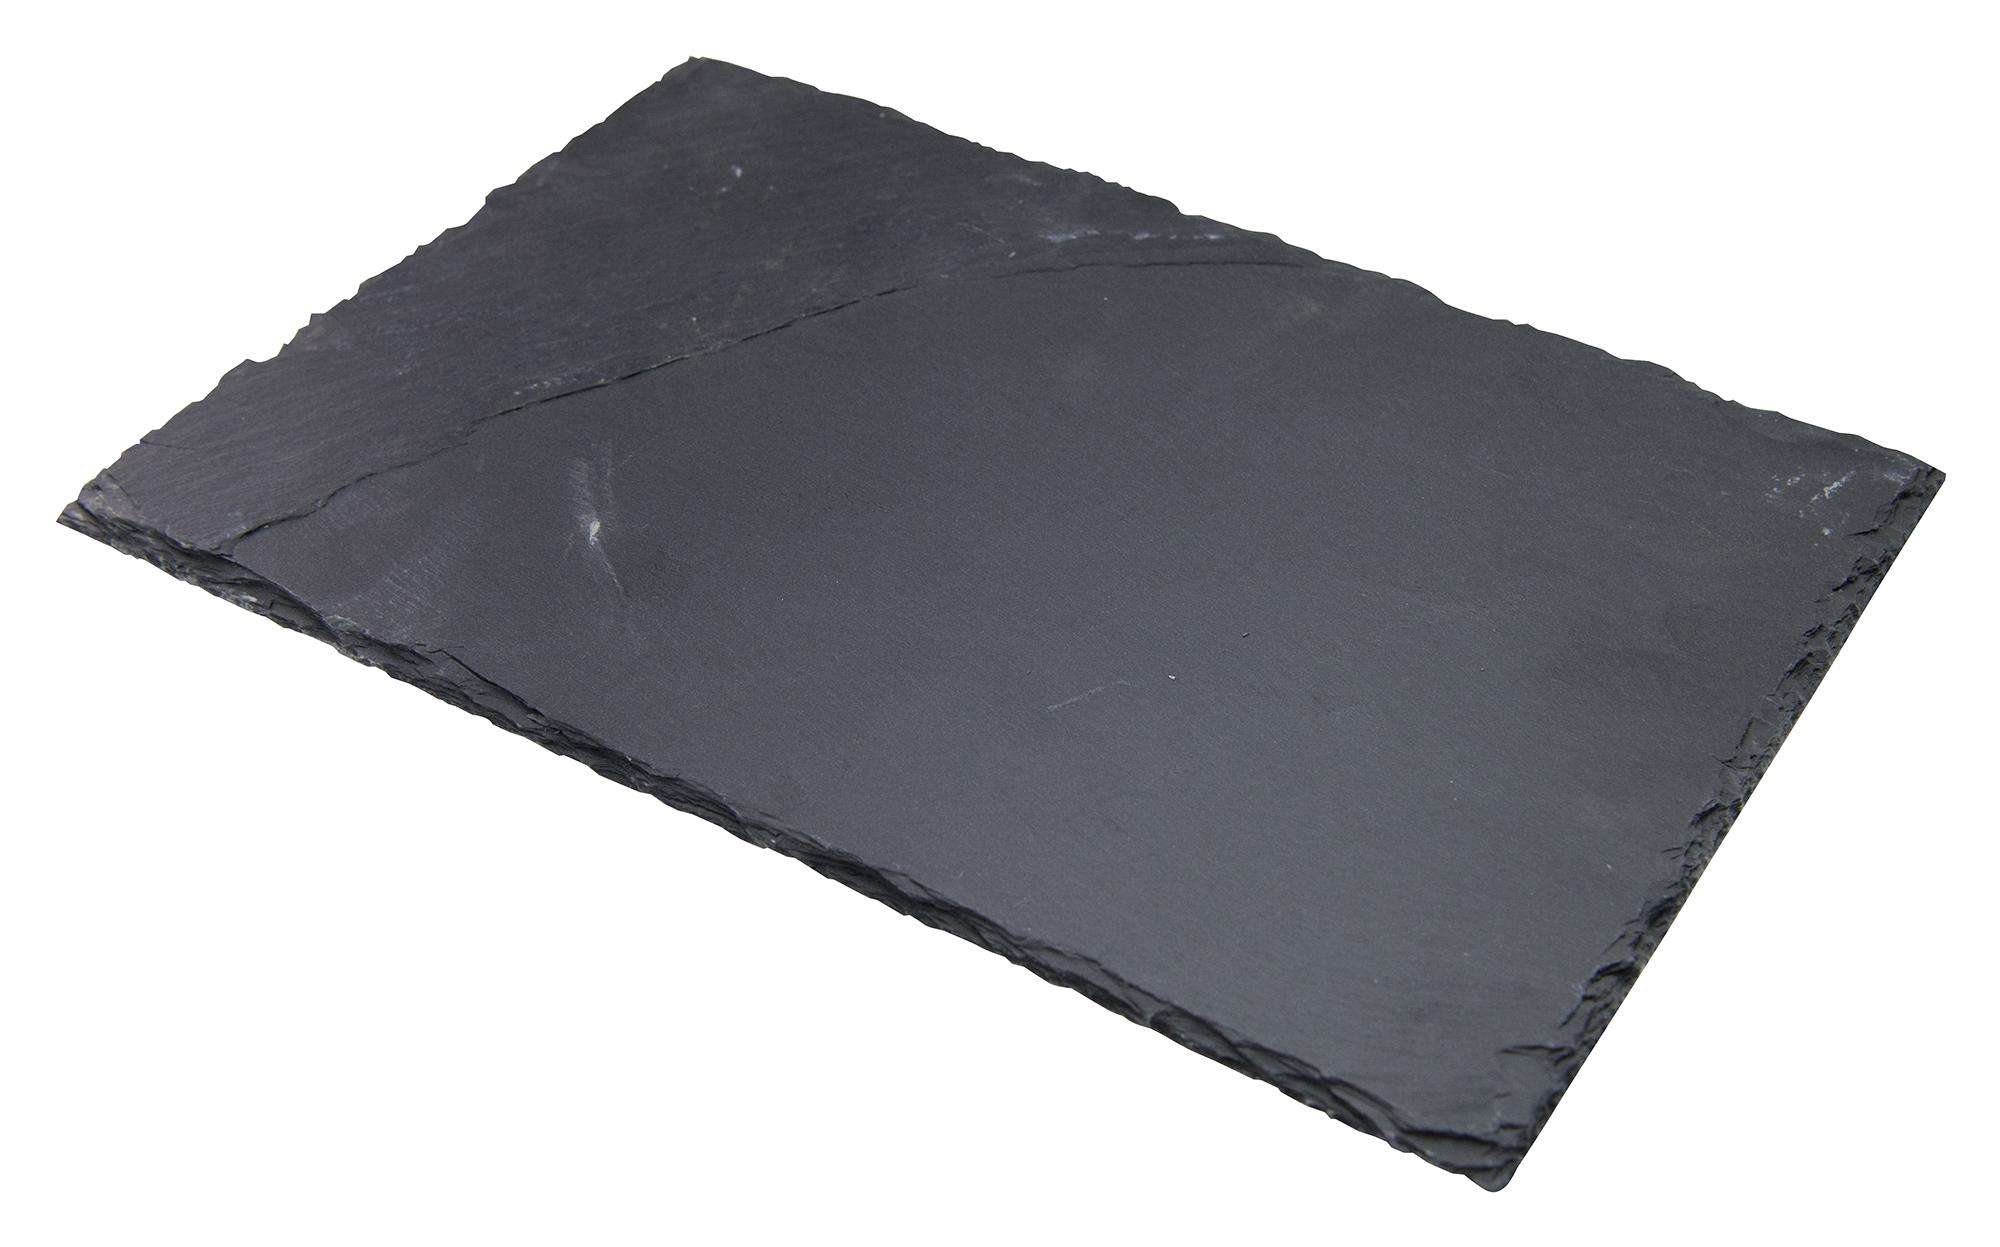 Winco WDL001-302 rectangulater platter